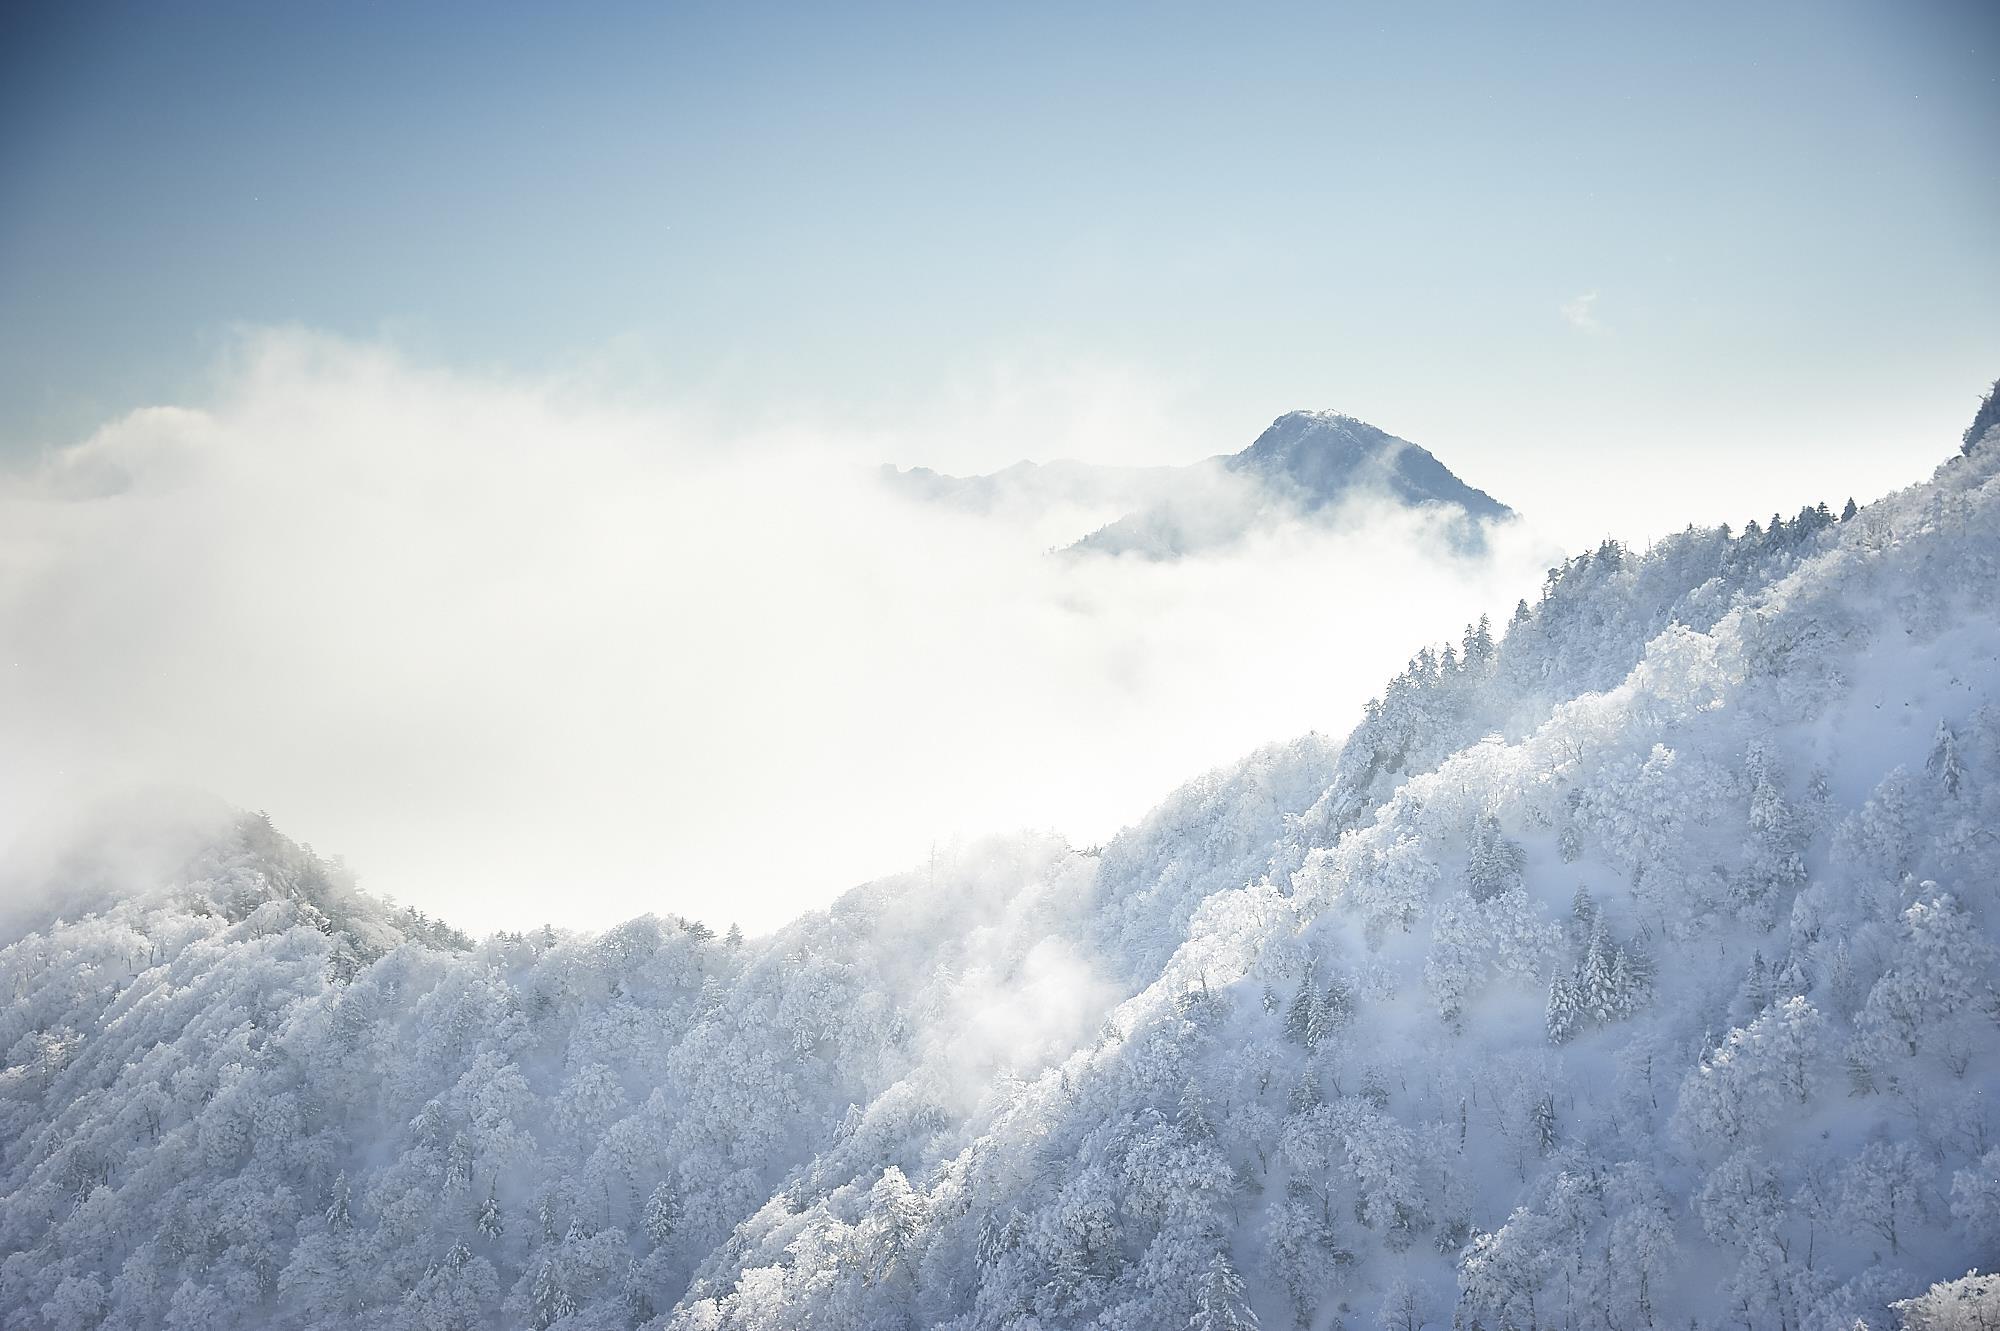 冬の雪山の石鎚山の霧氷と雲